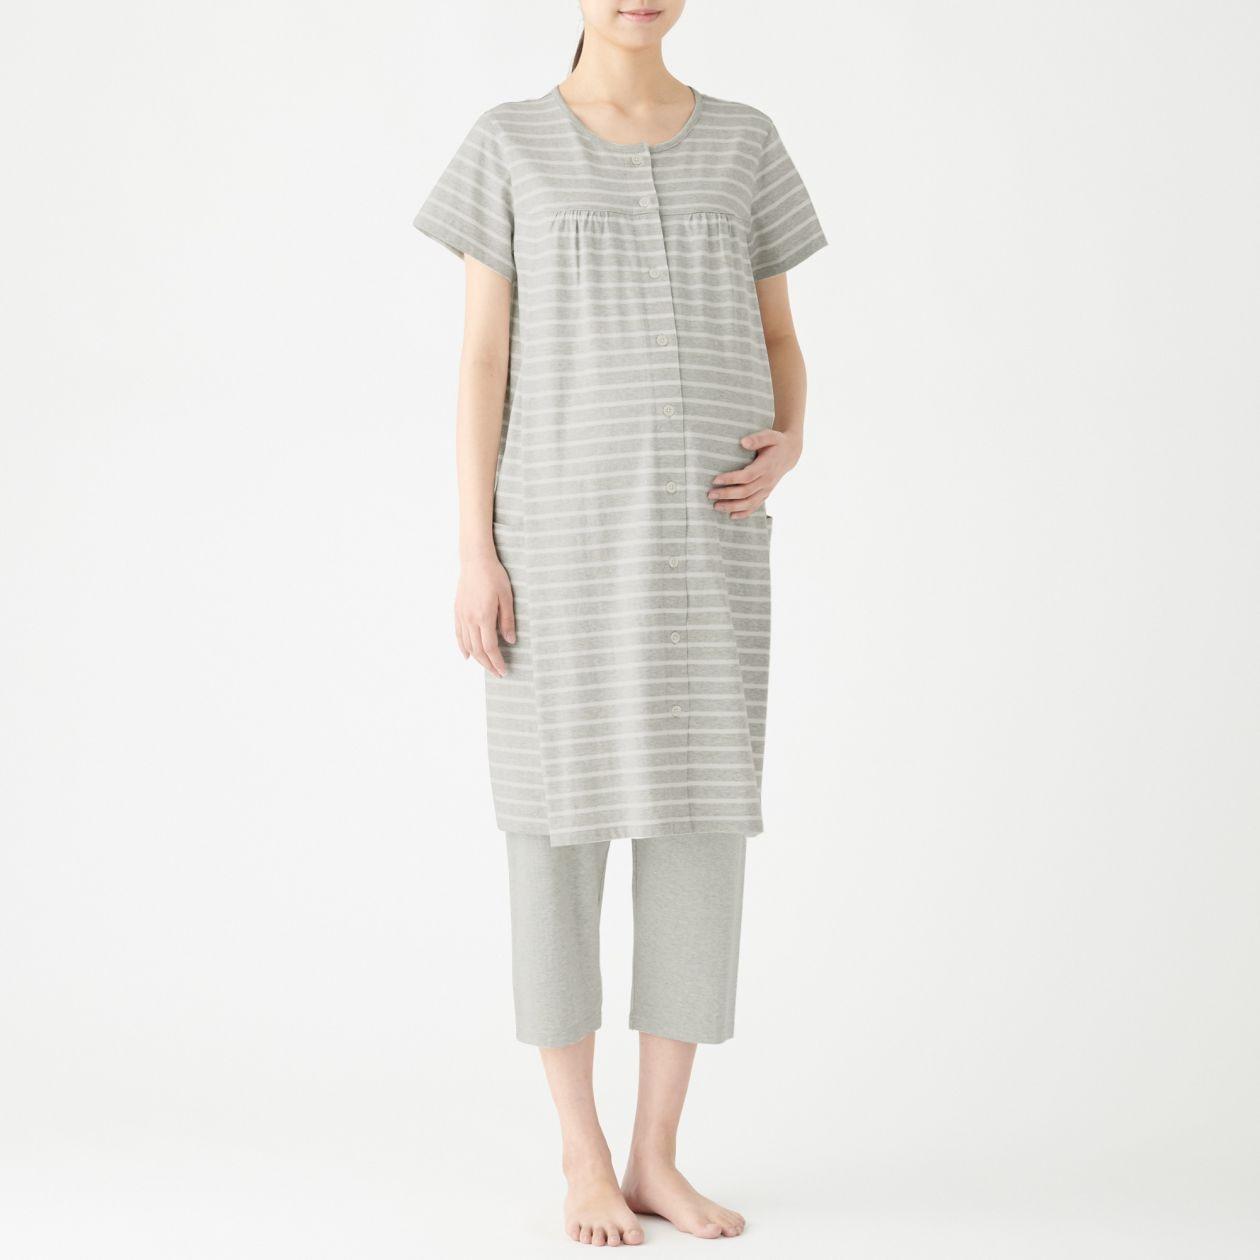 脇に縫い目のない天竺授乳に便利な半袖パジャマ・八分丈